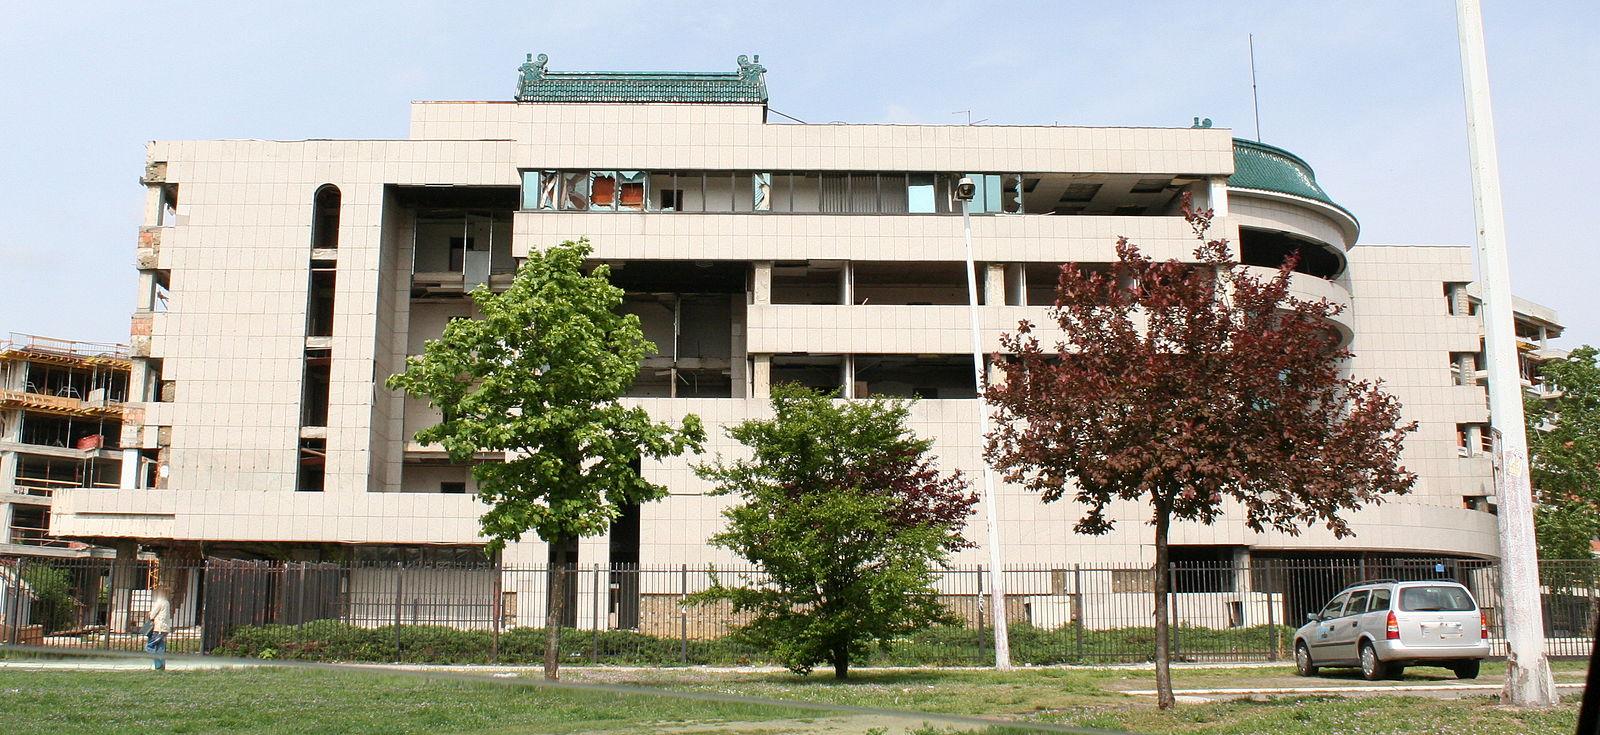 Chinese-embassy-belgrade-post-bombing